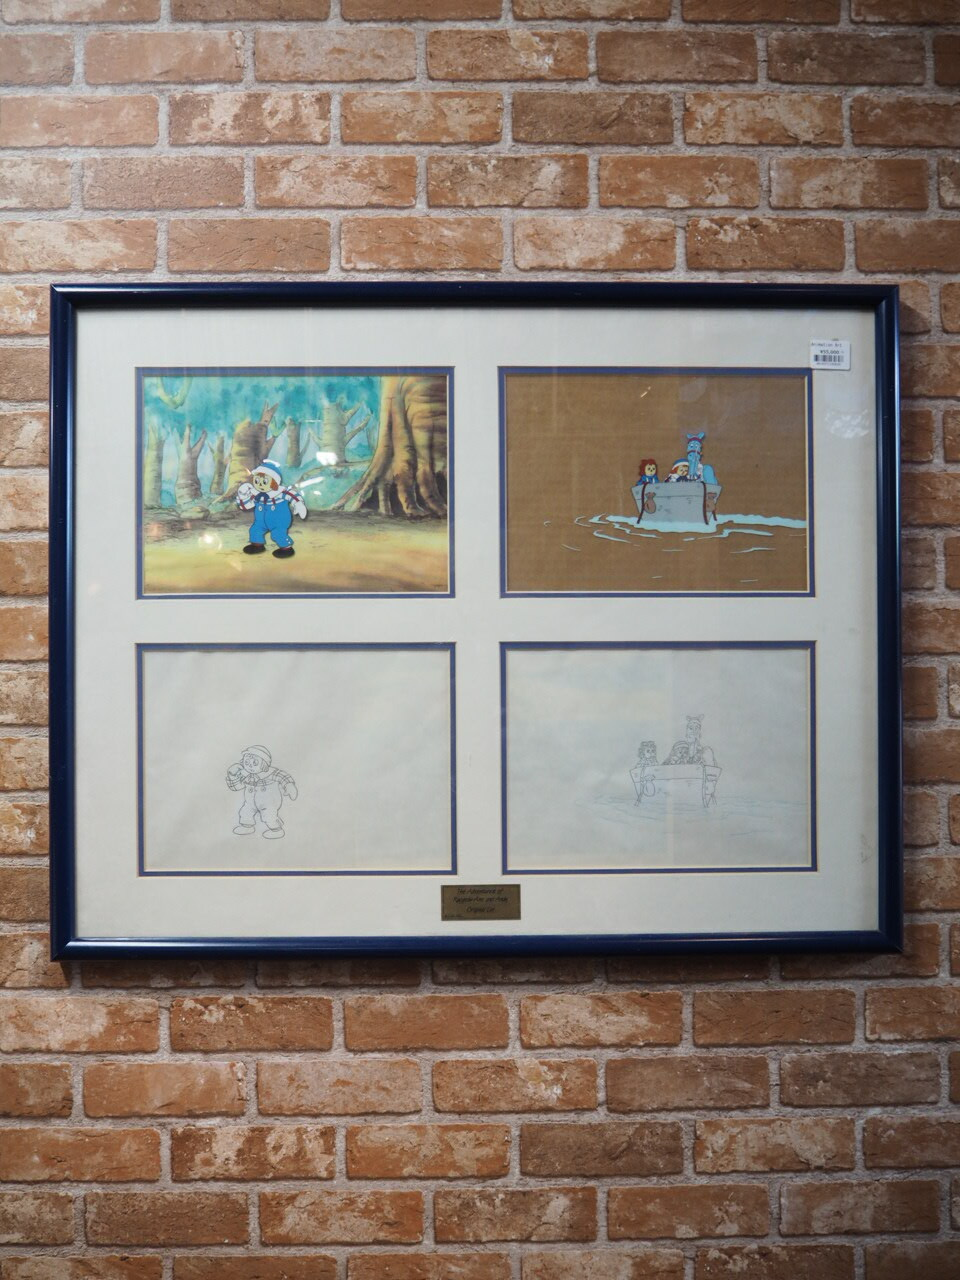 品番0628 アニメーションアート / Animation art